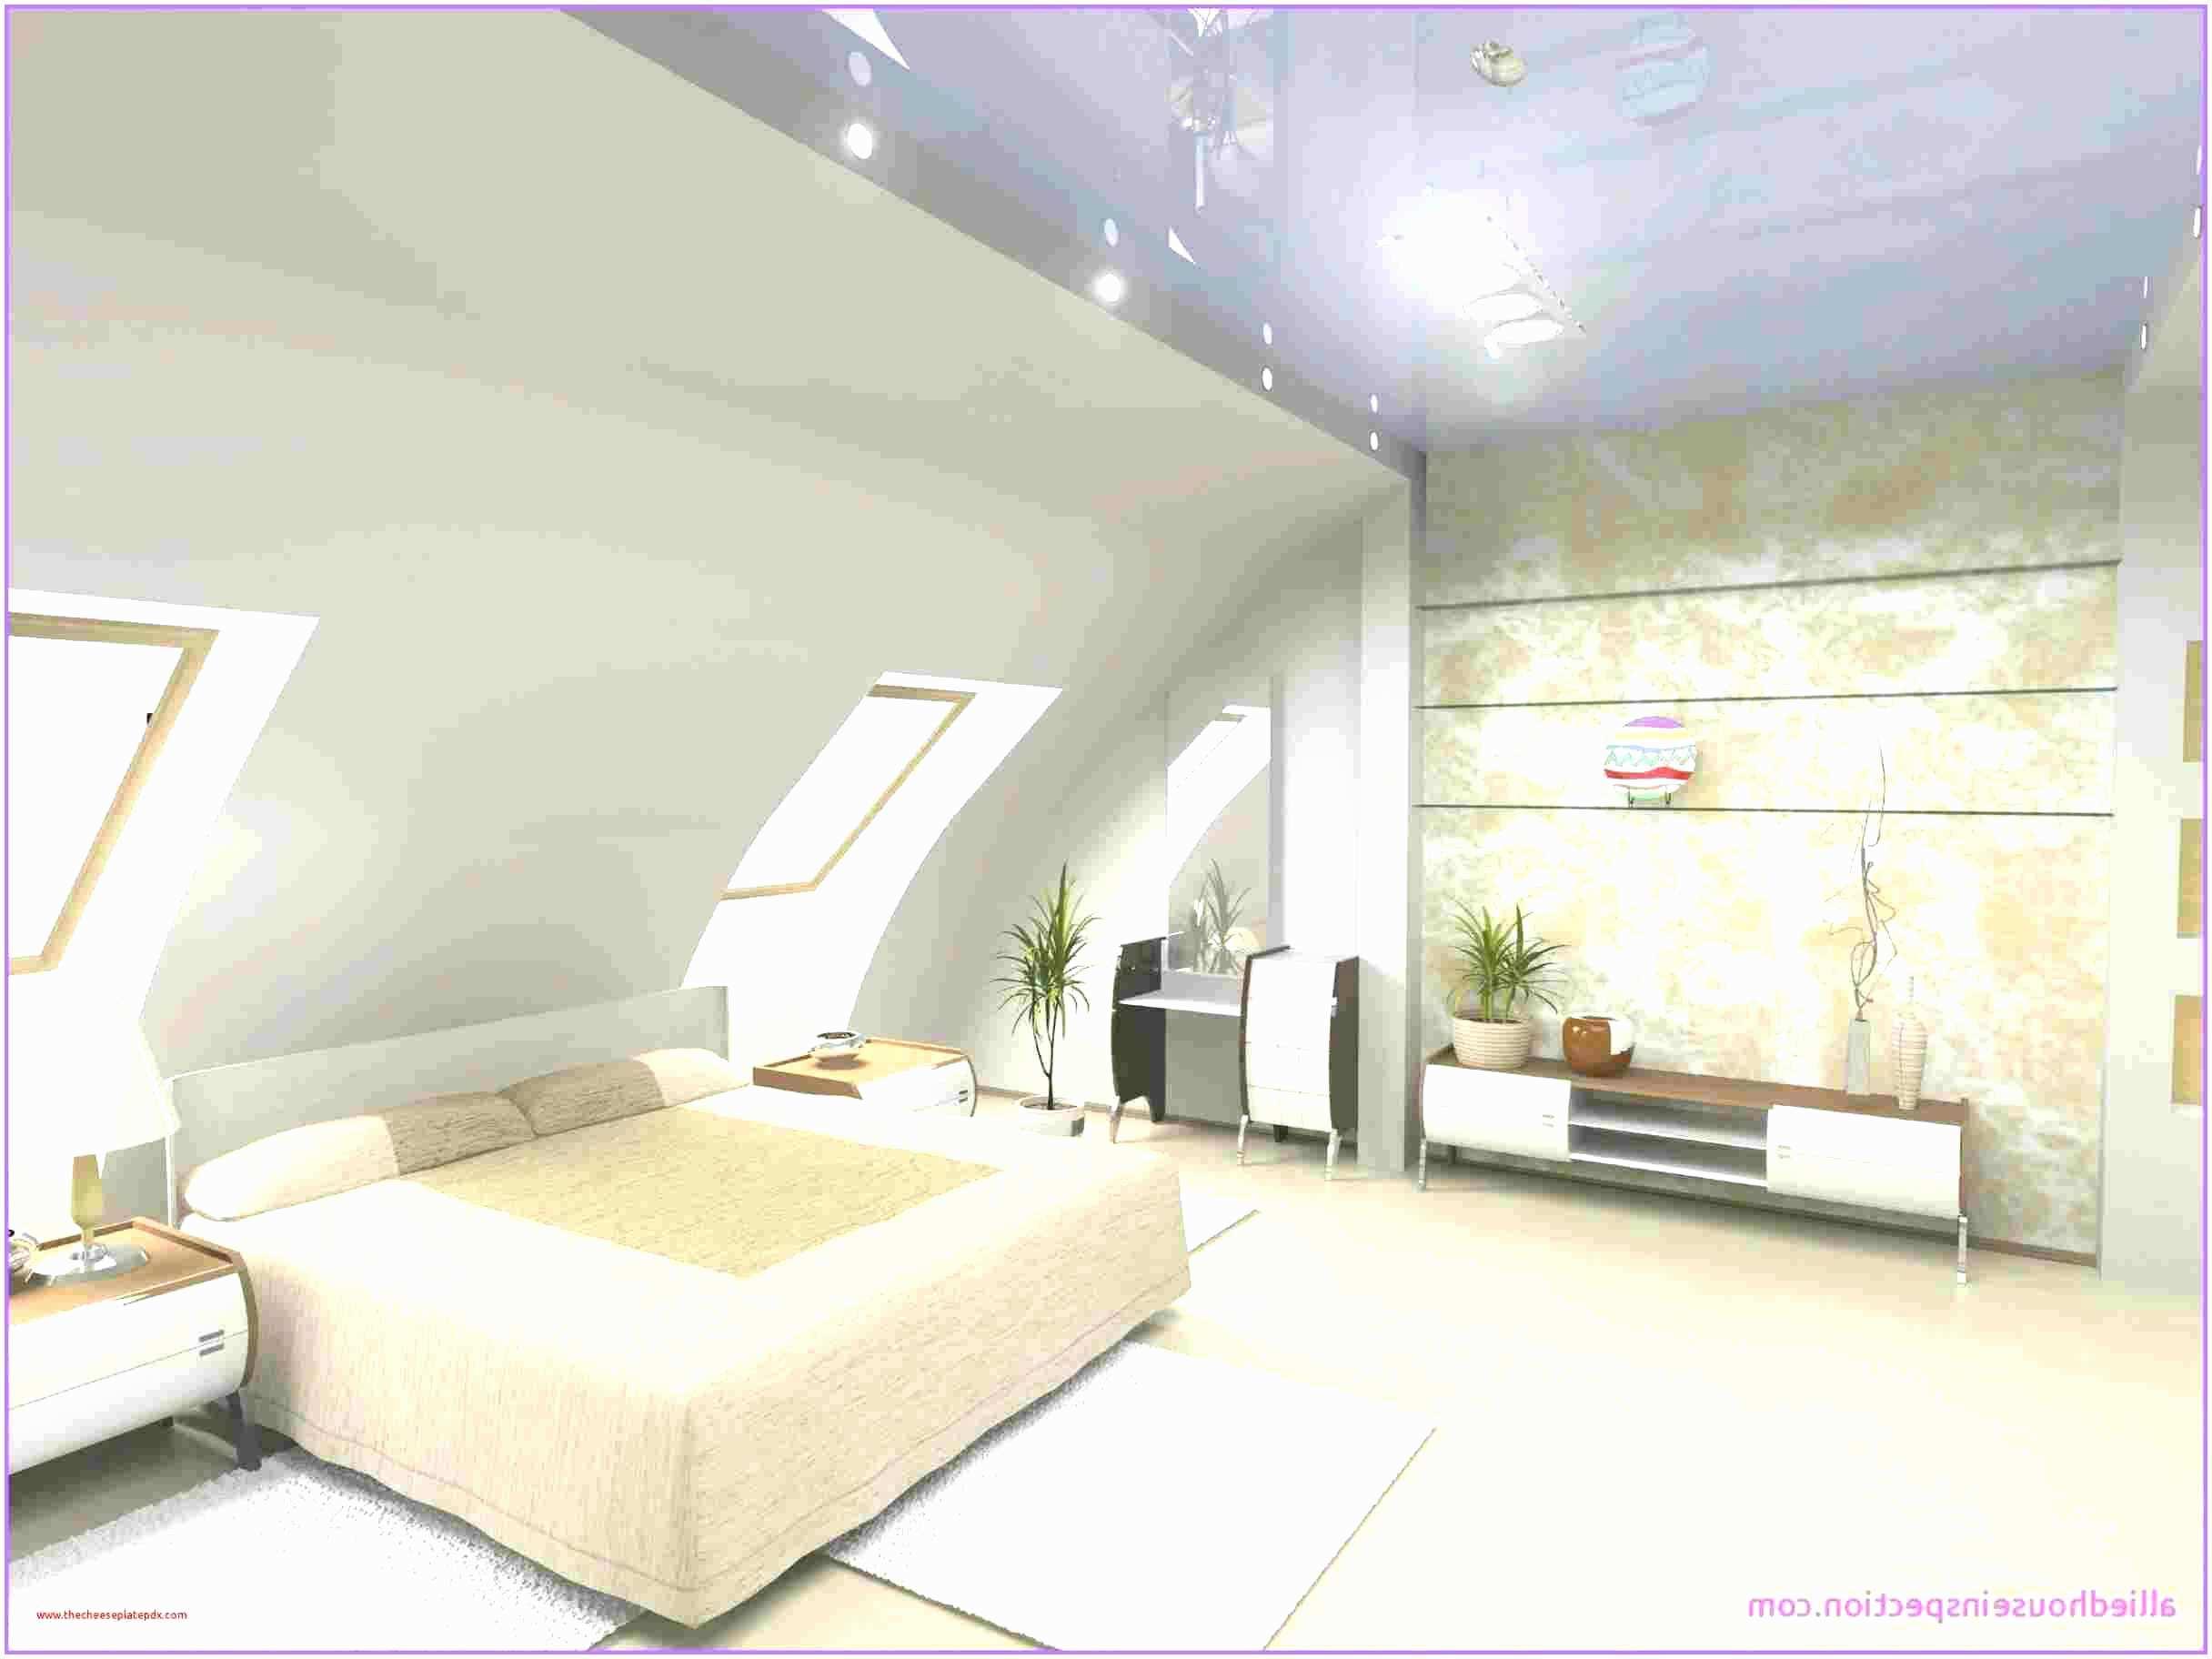 schlafzimmer deko bilder ideen schlafzimmer regal schlafzimmer 0d design von wanddeko wohnzimmer selber machen of wanddeko wohnzimmer selber machen